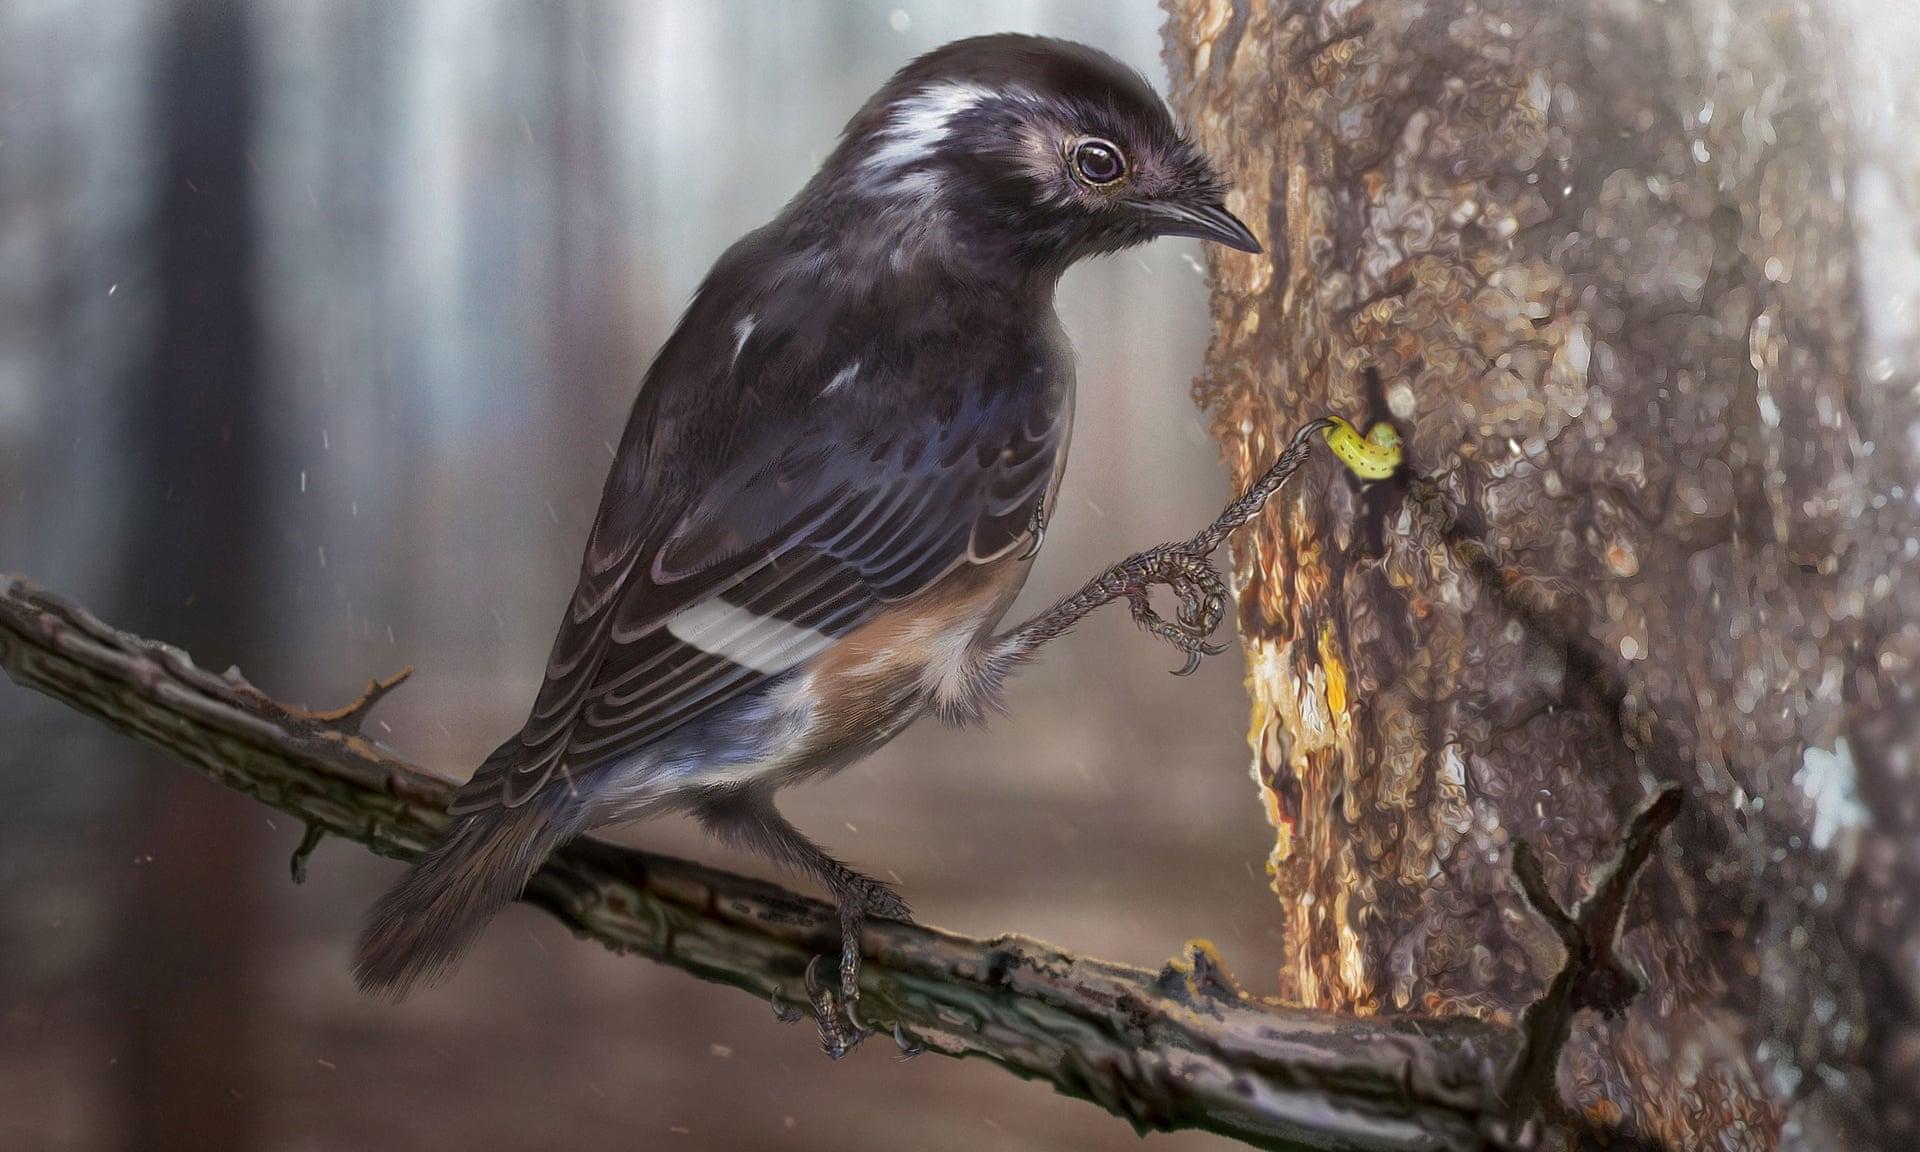 Найдены останки древней птицы с необычно длинными пальцами